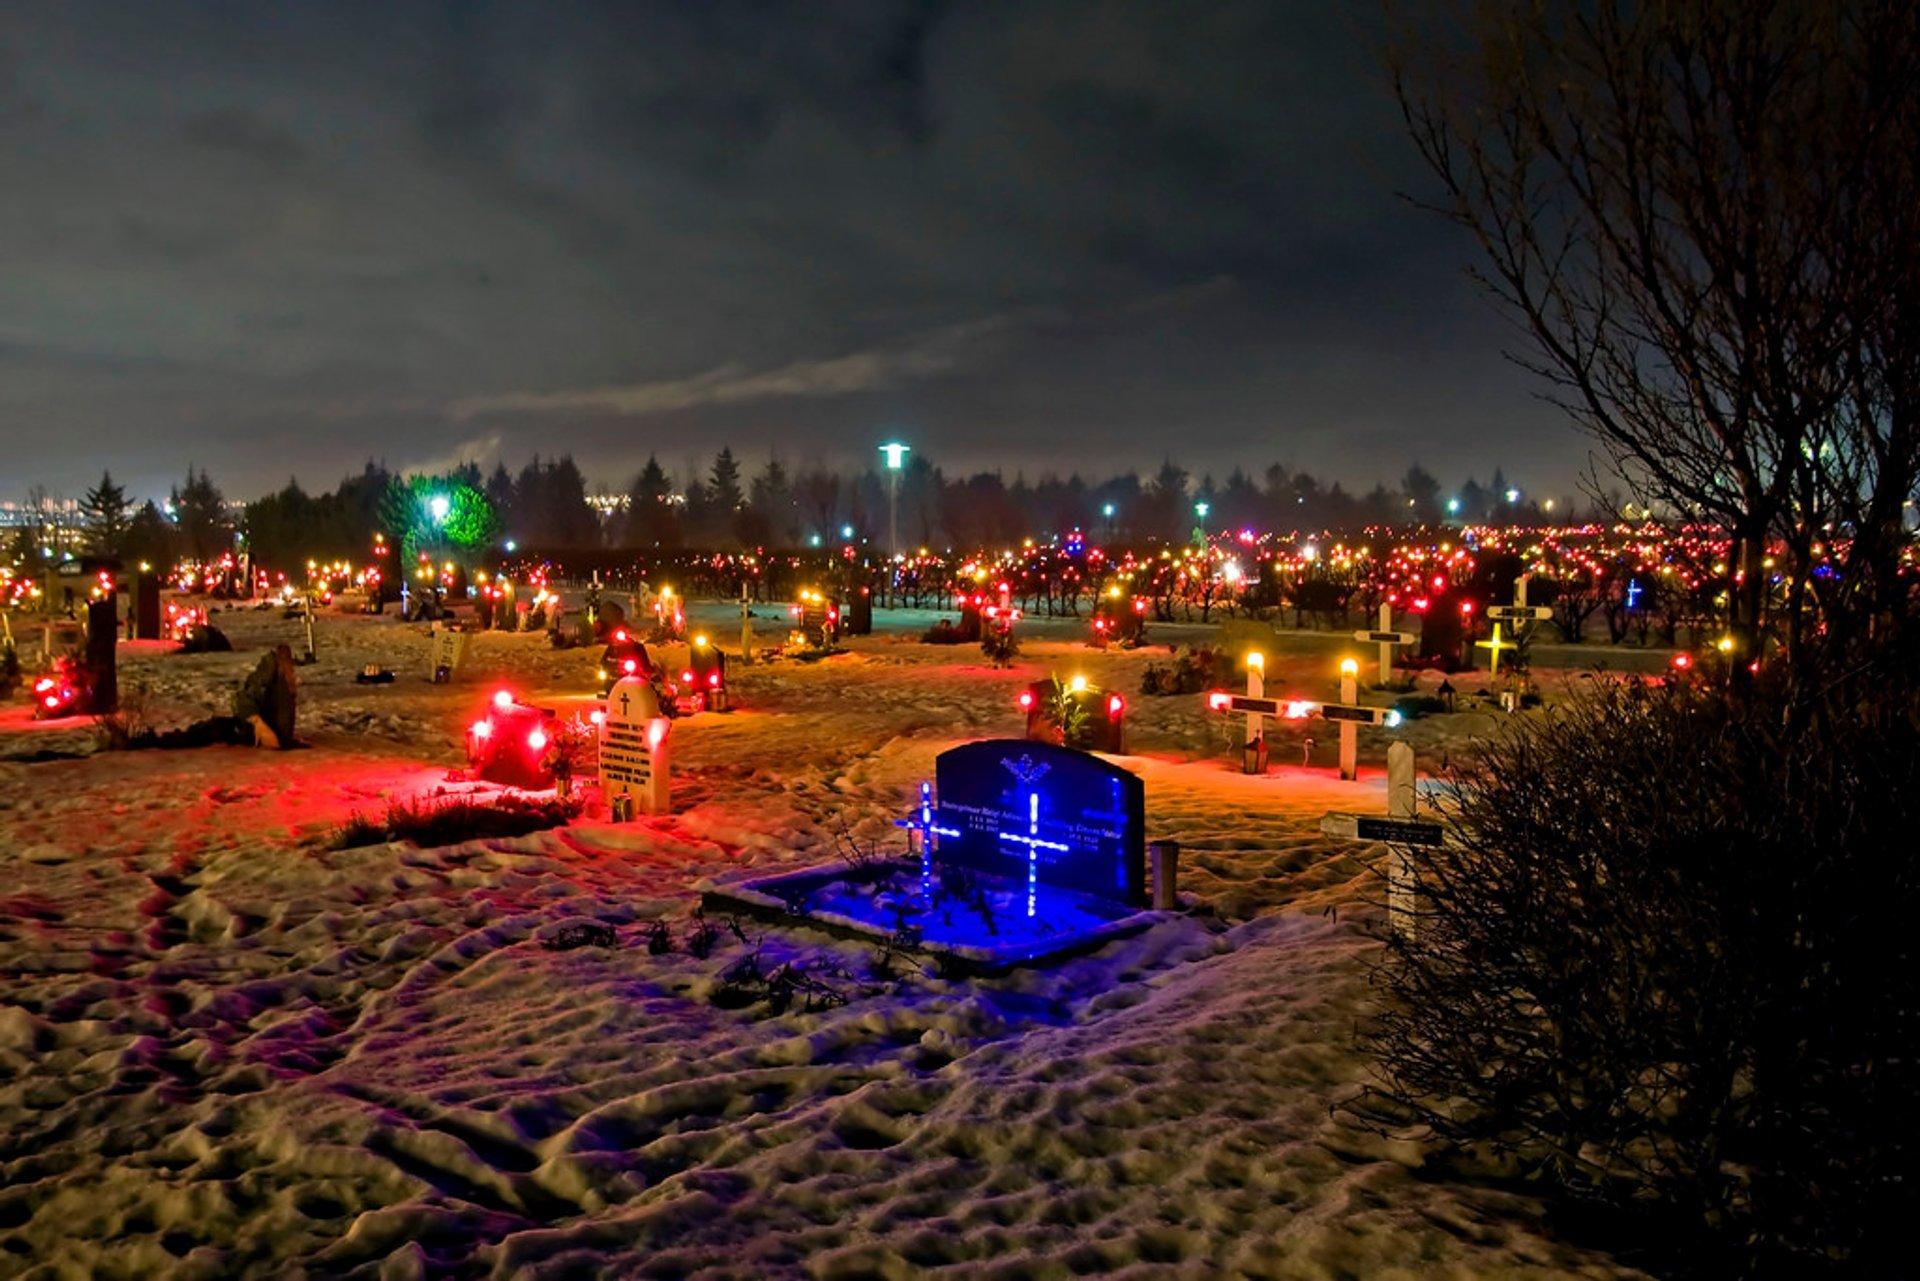 Graveyard in Hafnarjörður Iceland 2019